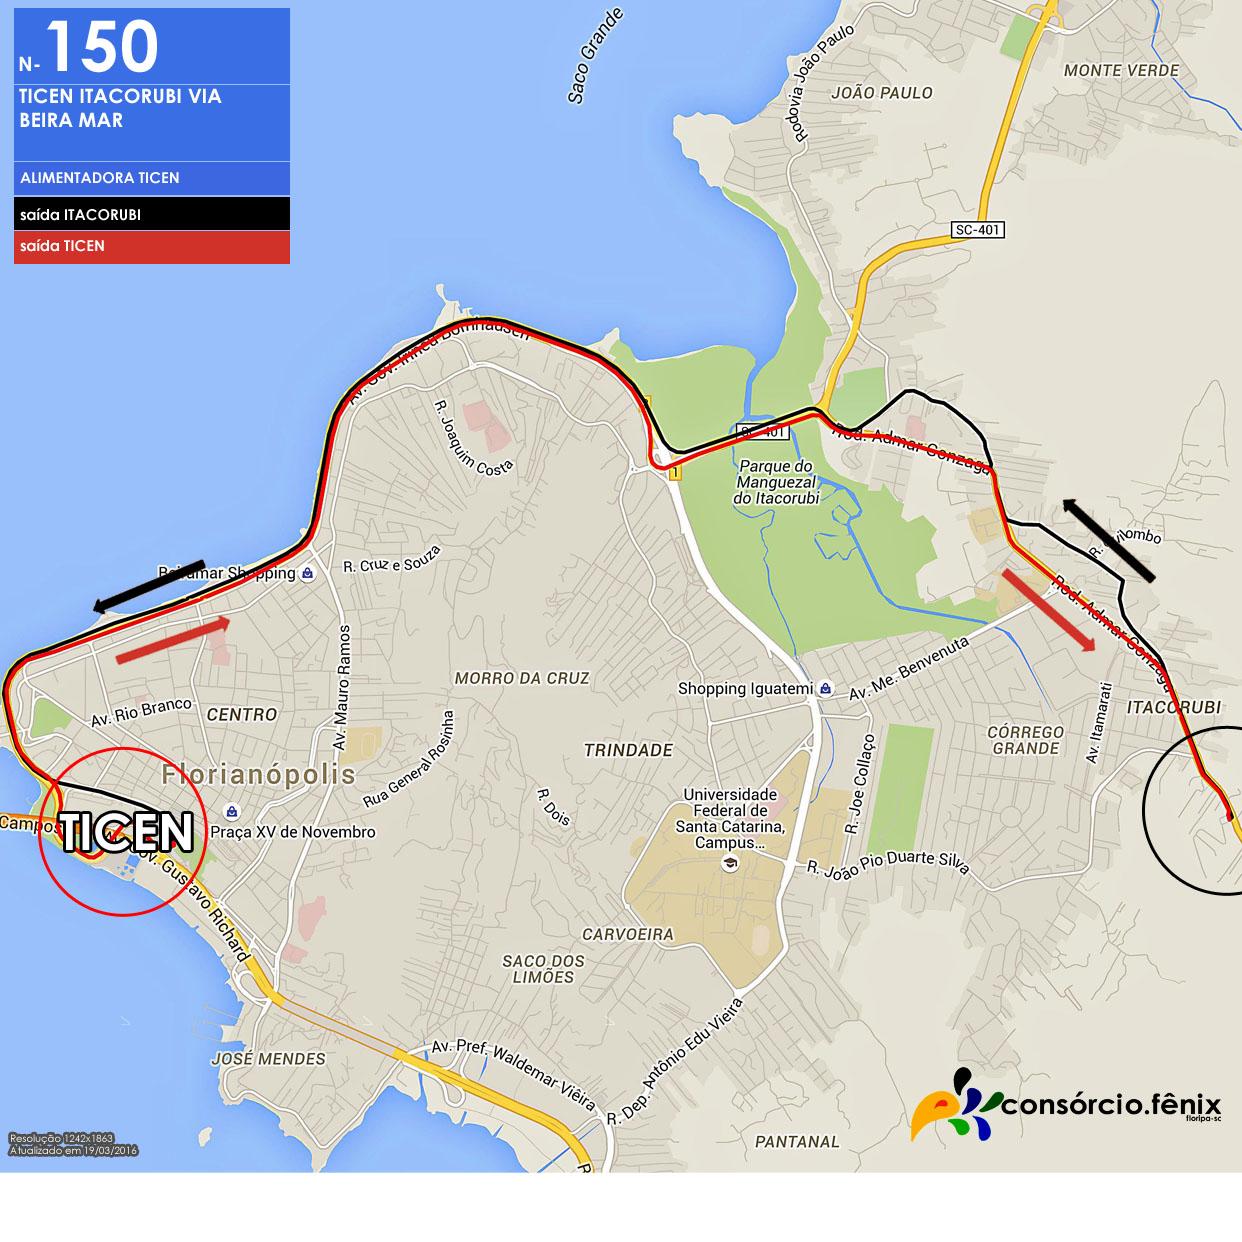 Horario de Onibus TICEN - Itacorubi via Beira Mar